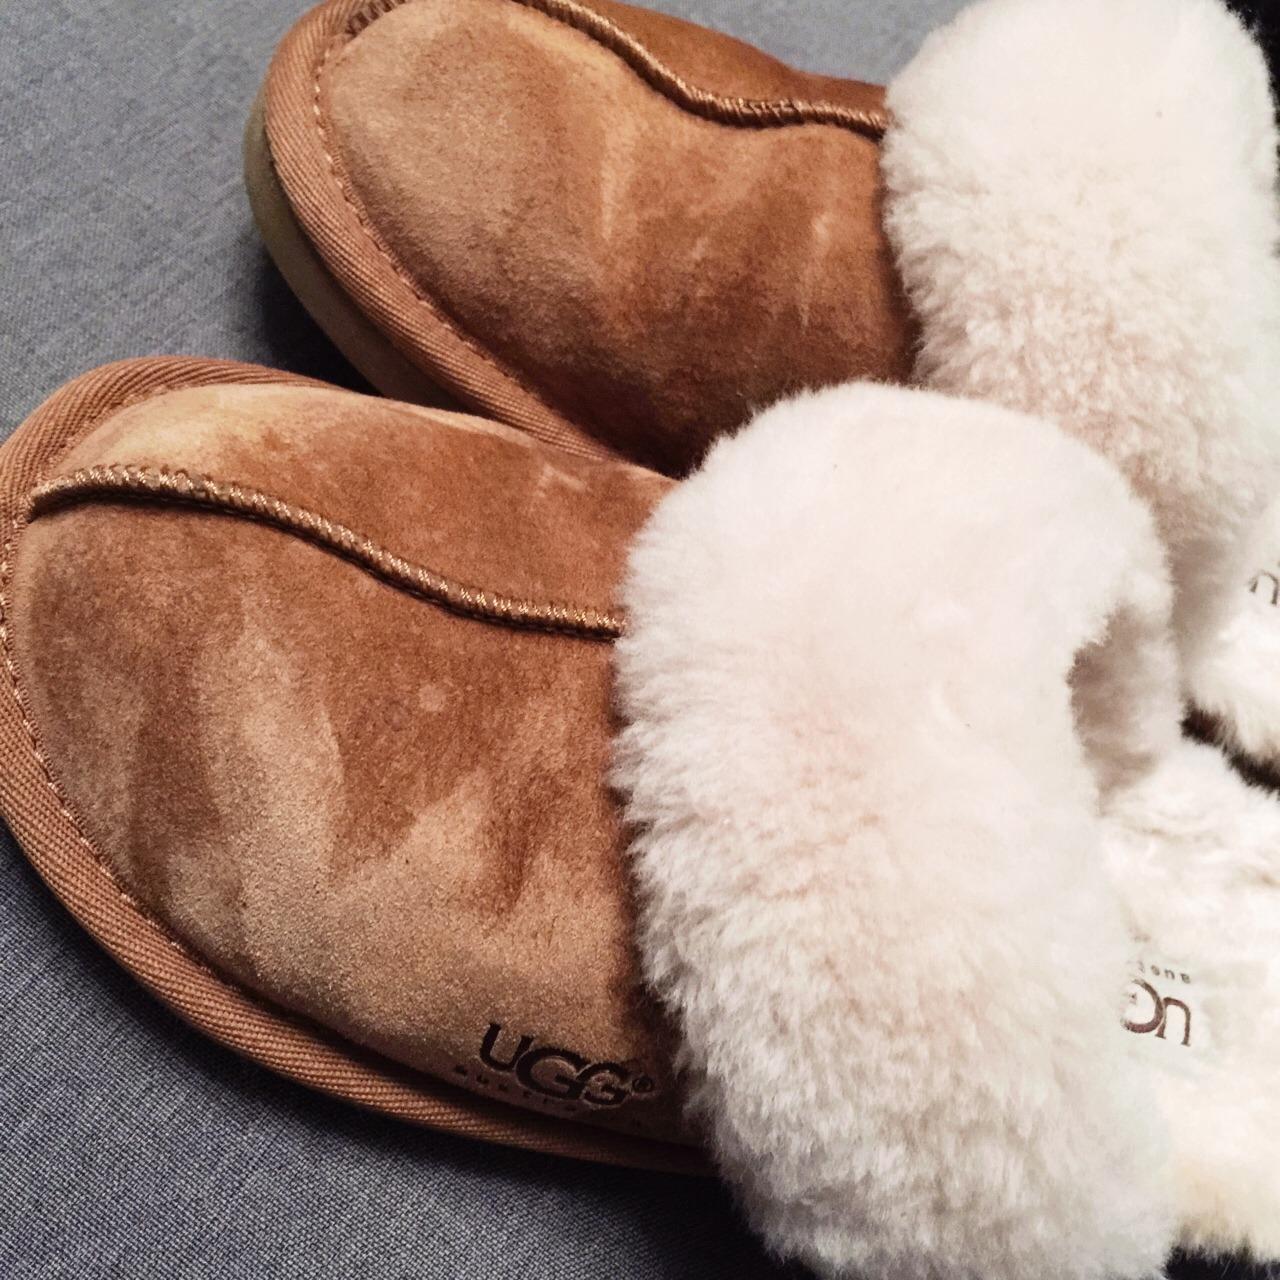 过冬必须来双ugg的拖鞋